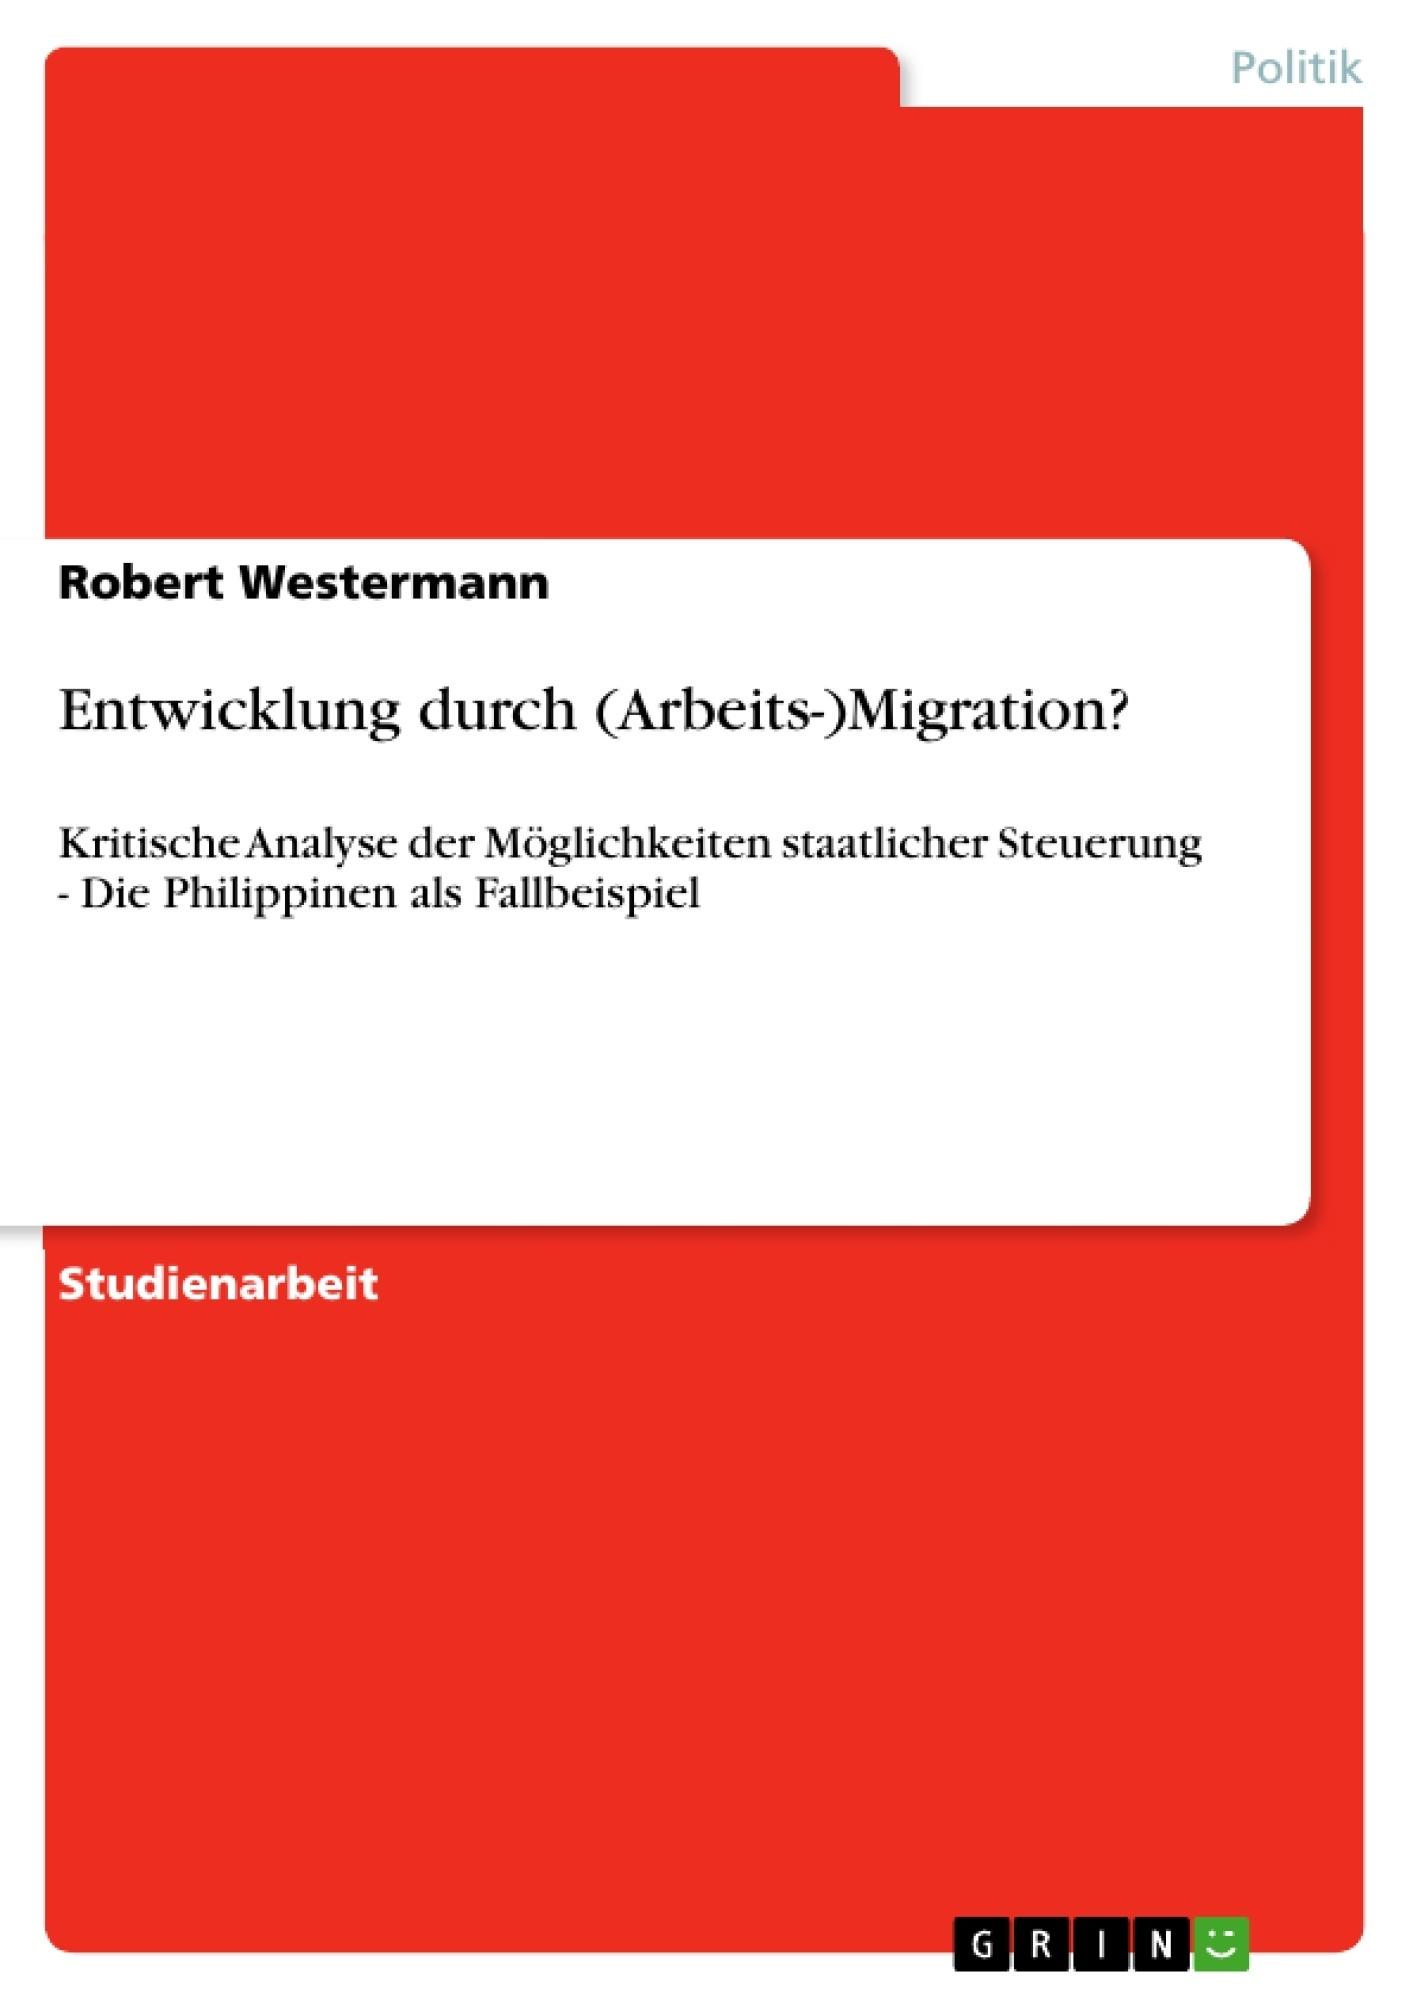 Titel: Entwicklung durch (Arbeits-)Migration?